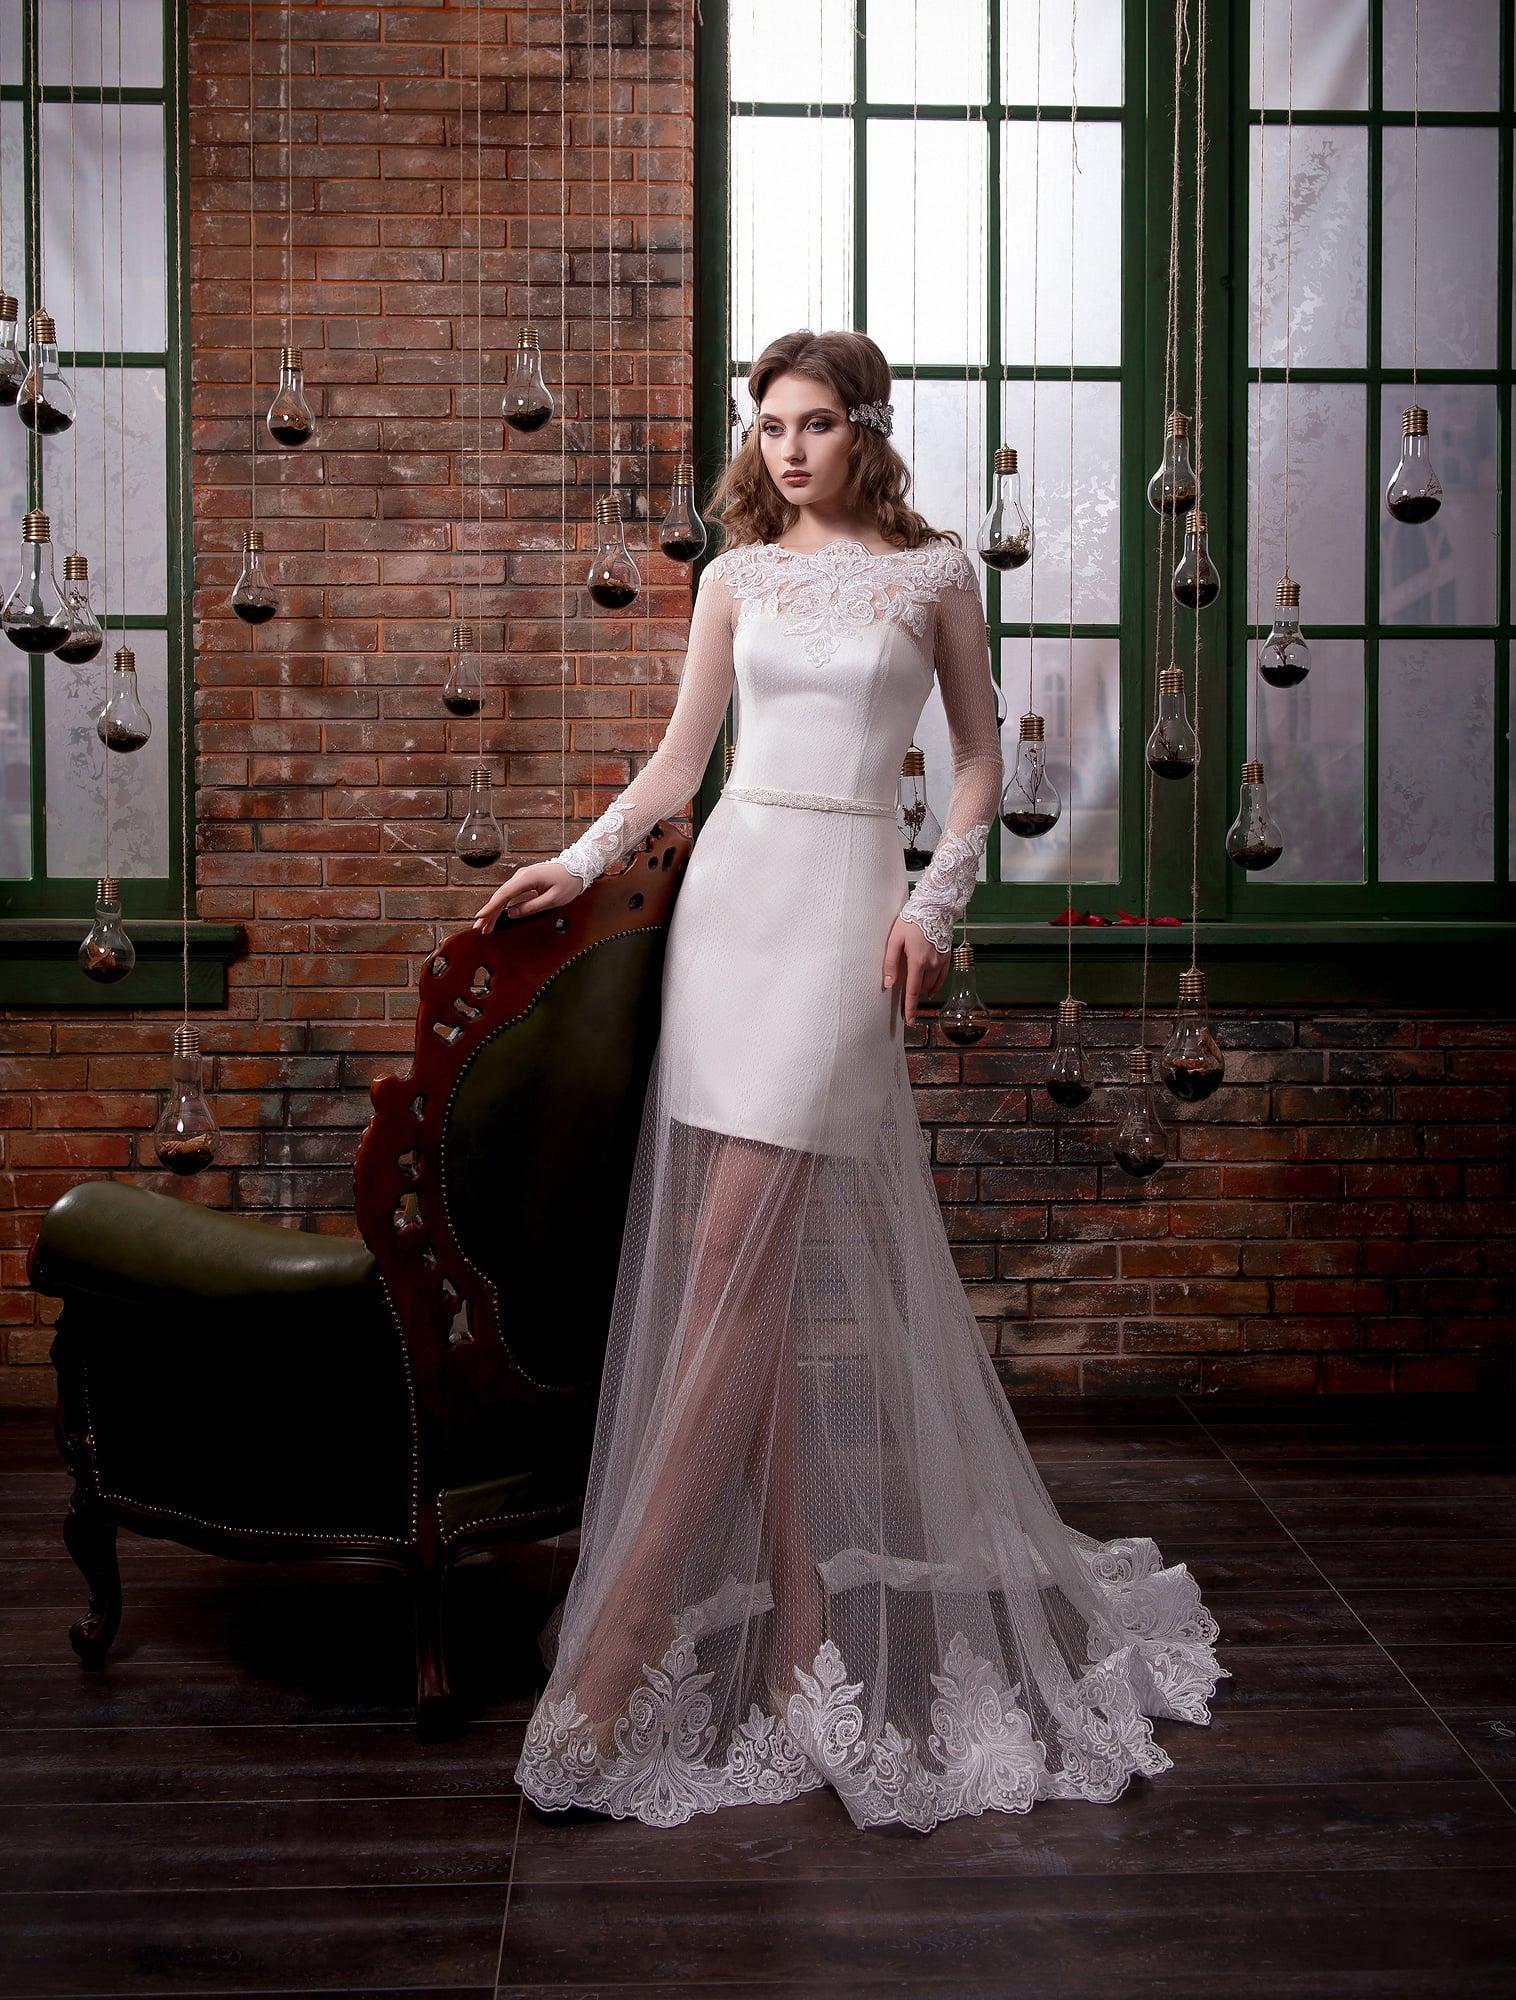 b18aa8da098 Атласное свадебное платье длиной до середины бедра с полупрозрачной длинной  верхней юбкой.